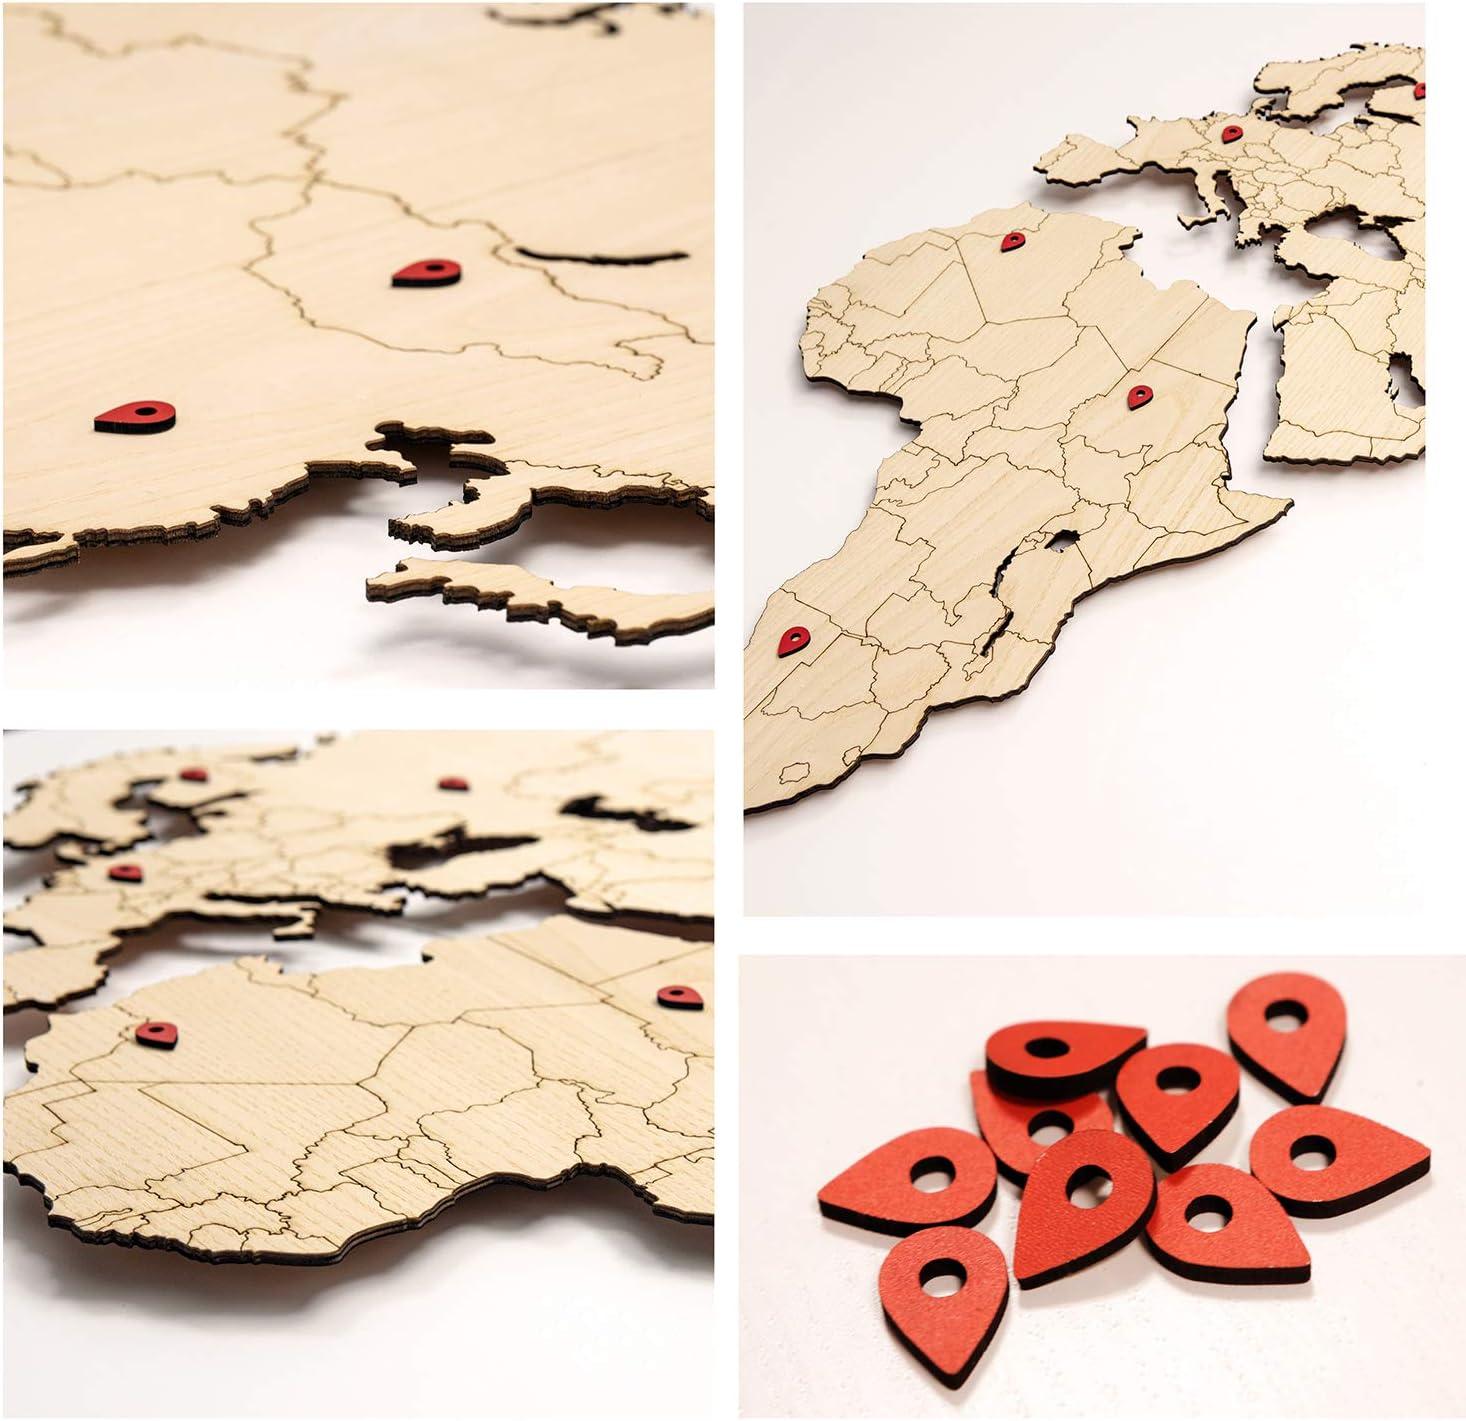 TRENO taglio laser forma IN LEGNO MDF Legno Craft Arts Decorazione